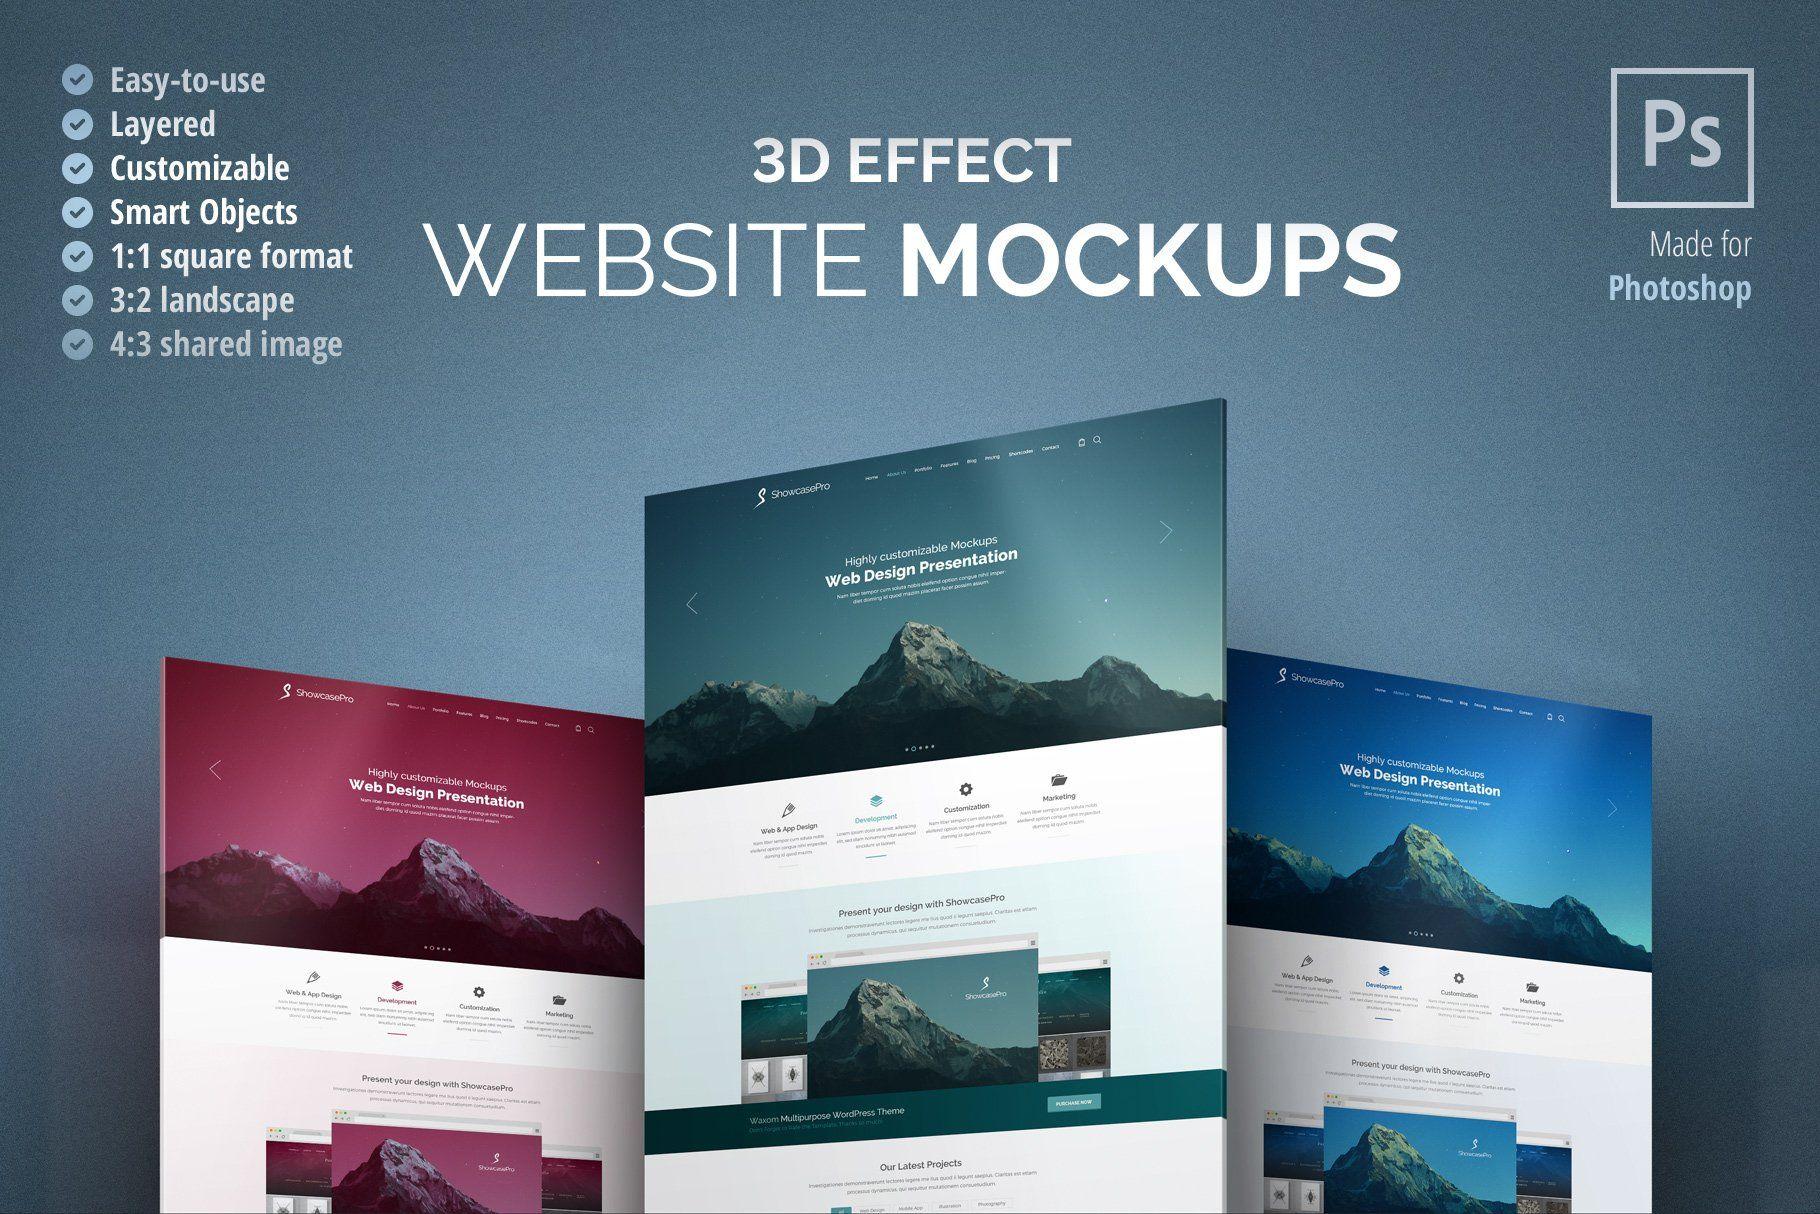 3d Effect Website Mockup Website Mockup Image Font Photoshop Landscape